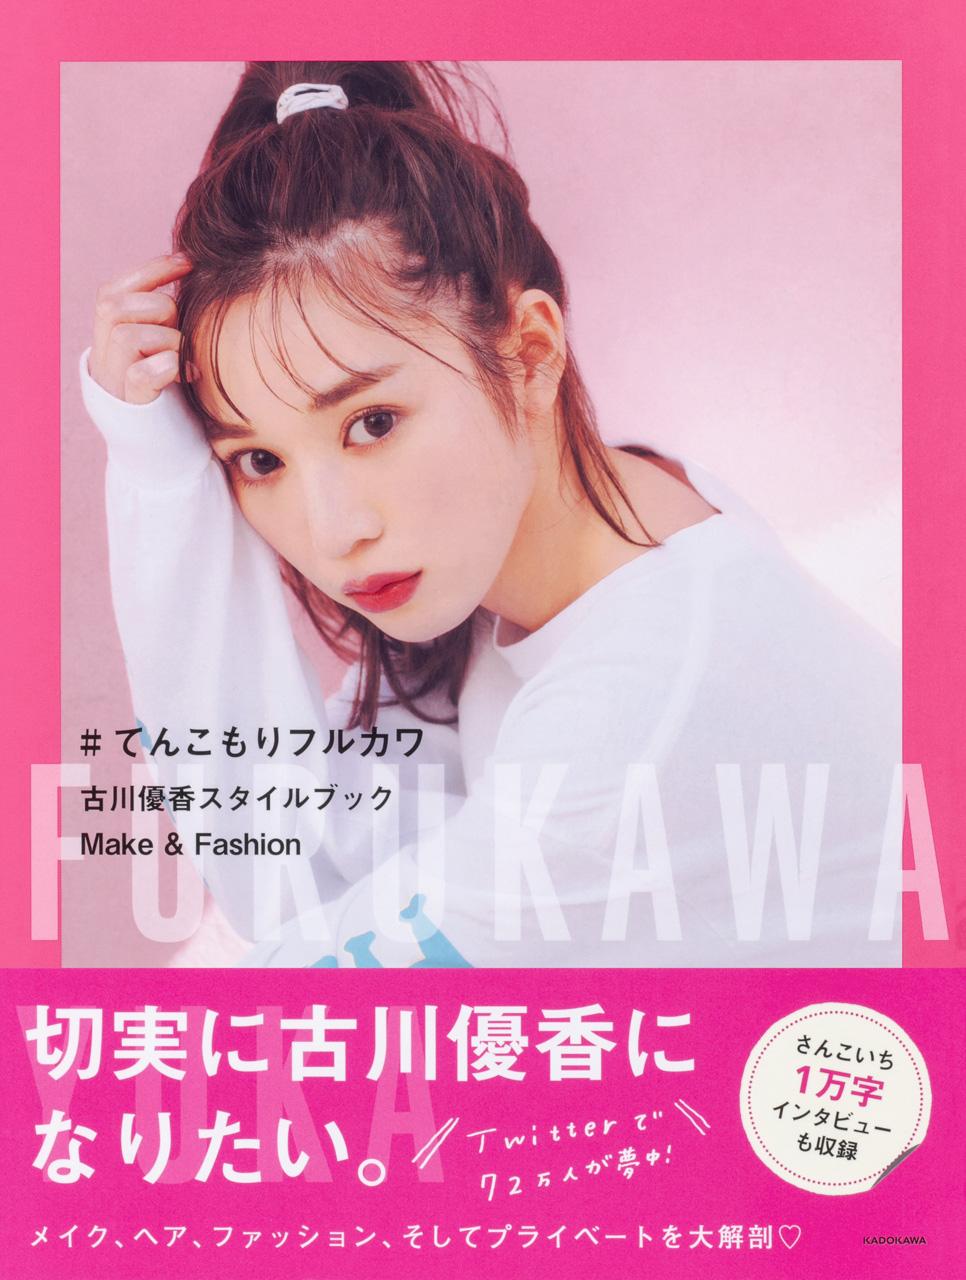 #てんこもりフルカワ 古川優香スタイルブック Make & Fashion